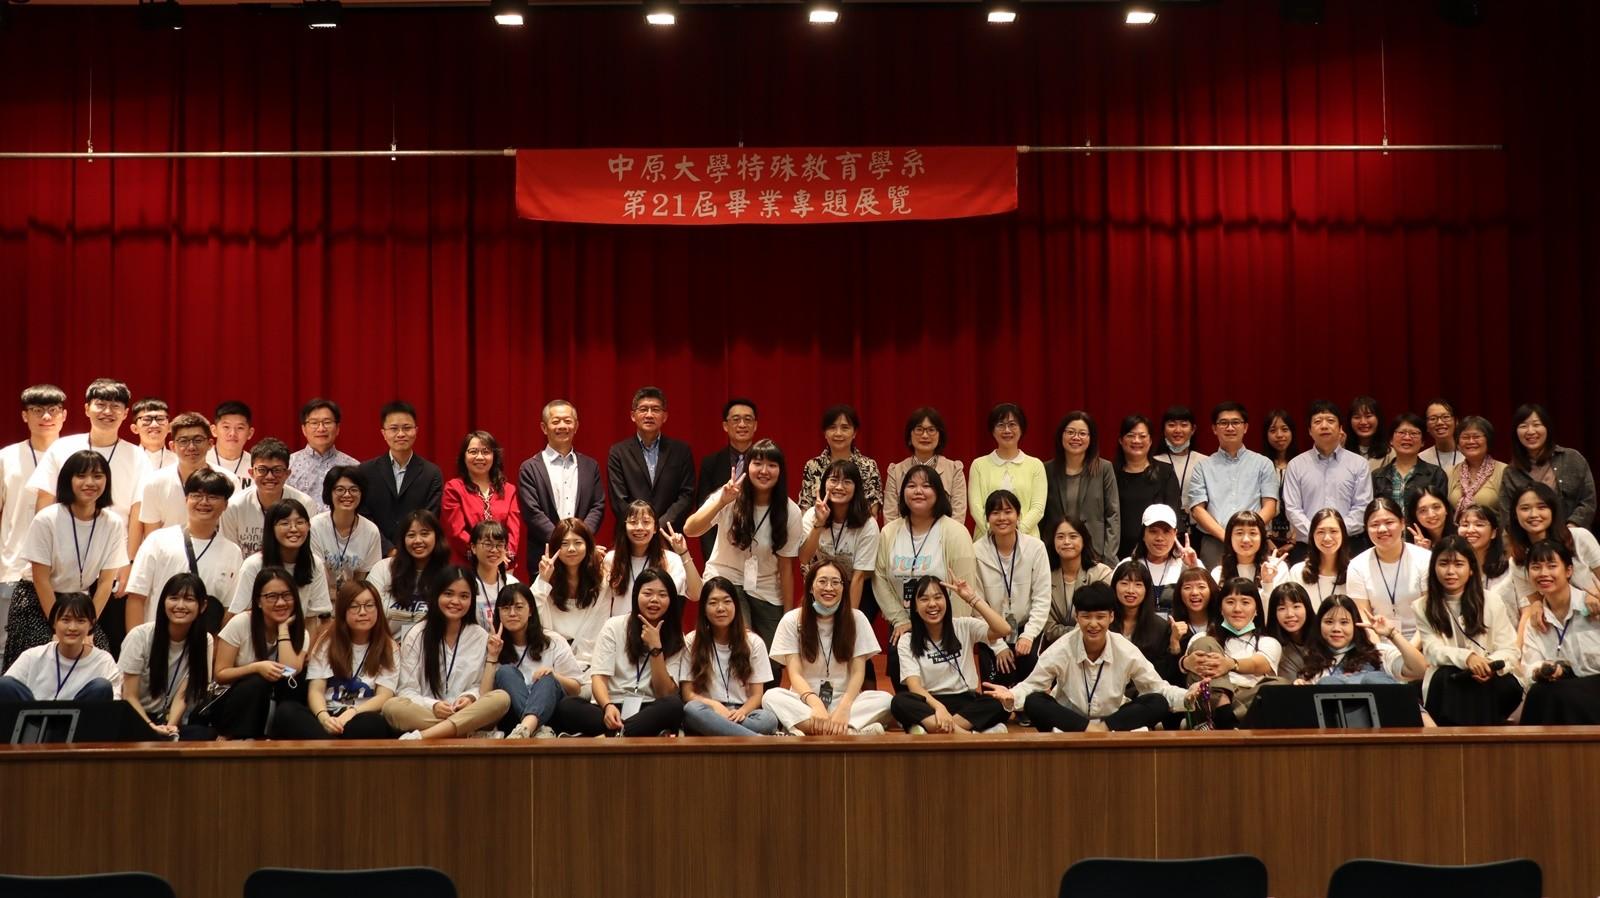 中原大學特教系第21屆畢業展開幕典禮,學生與師長合影。.jpg